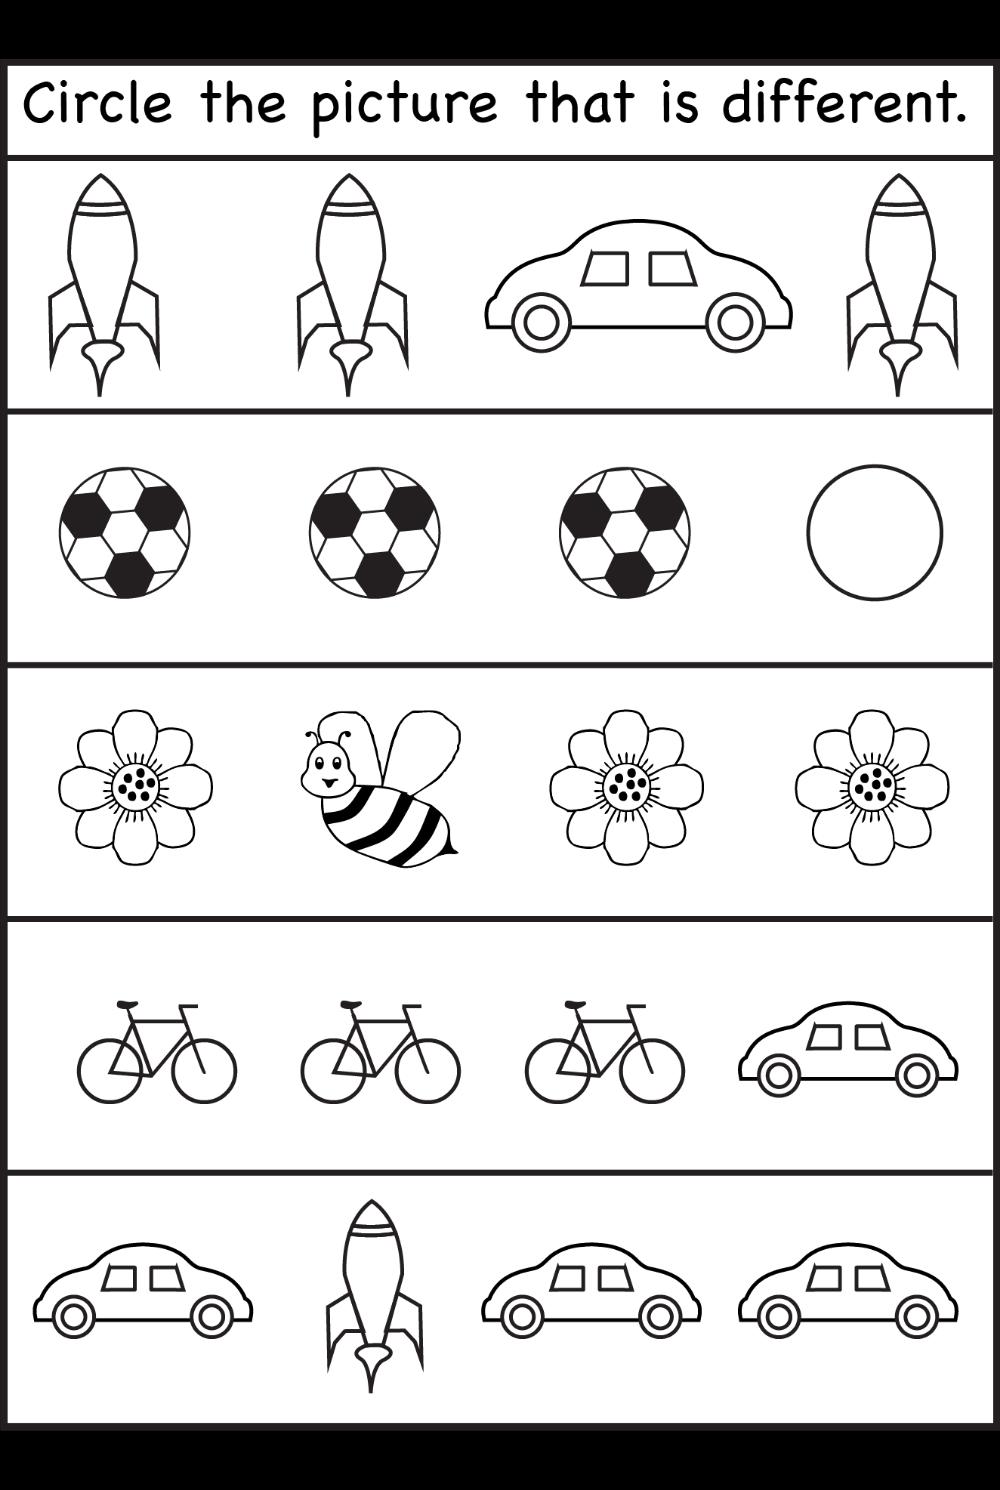 Spisok Fotografij Pinterest Doshkolnyh Listov I Idej Pinterest Doshkolnyh Listov Free Preschool Worksheets Printable Preschool Worksheets Preschool Worksheets [ 1490 x 1000 Pixel ]